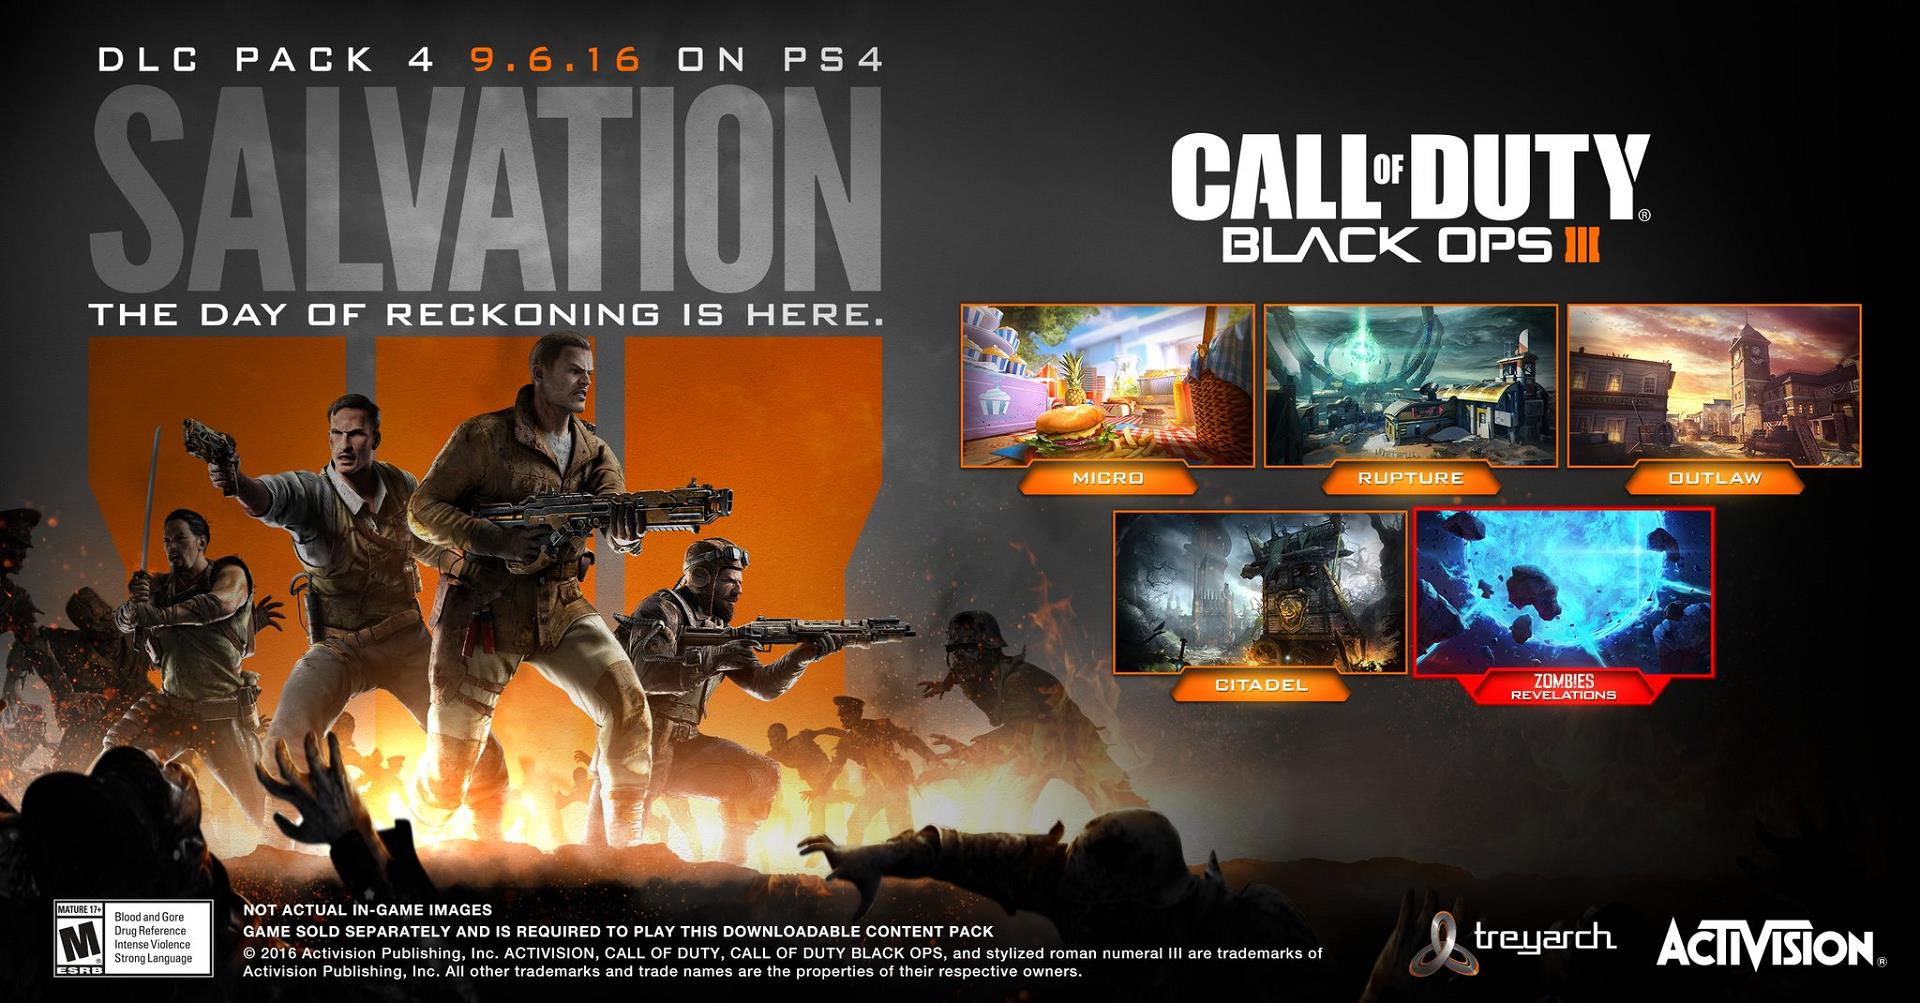 Call of Duty: Black Ops III - Salvation DLC Achievement List